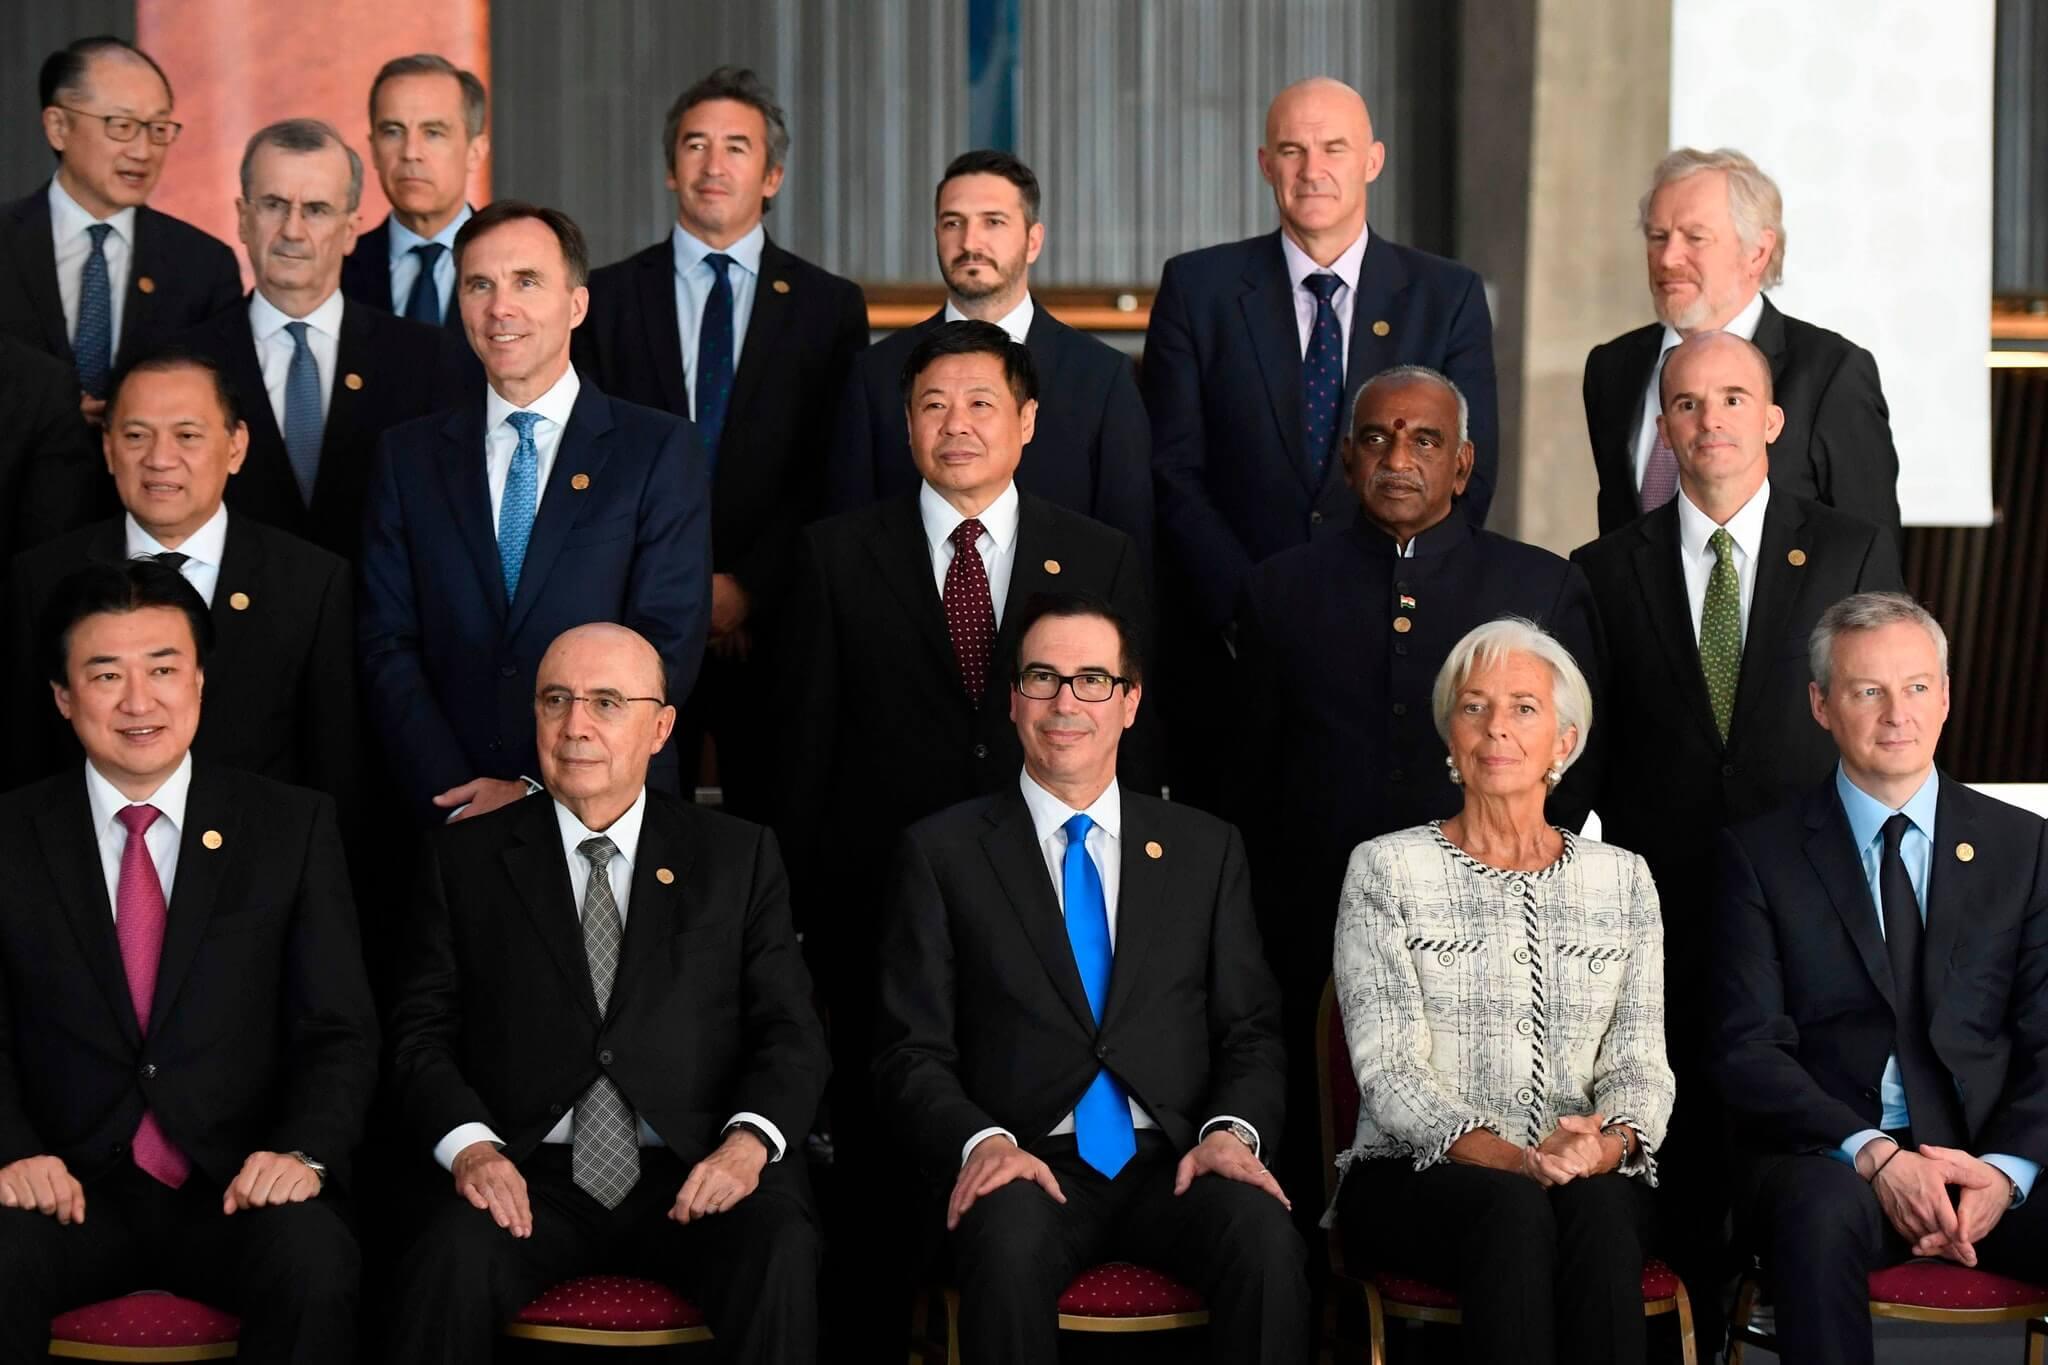 Биткоин — это финансовый актив, — проект коммюнике G20